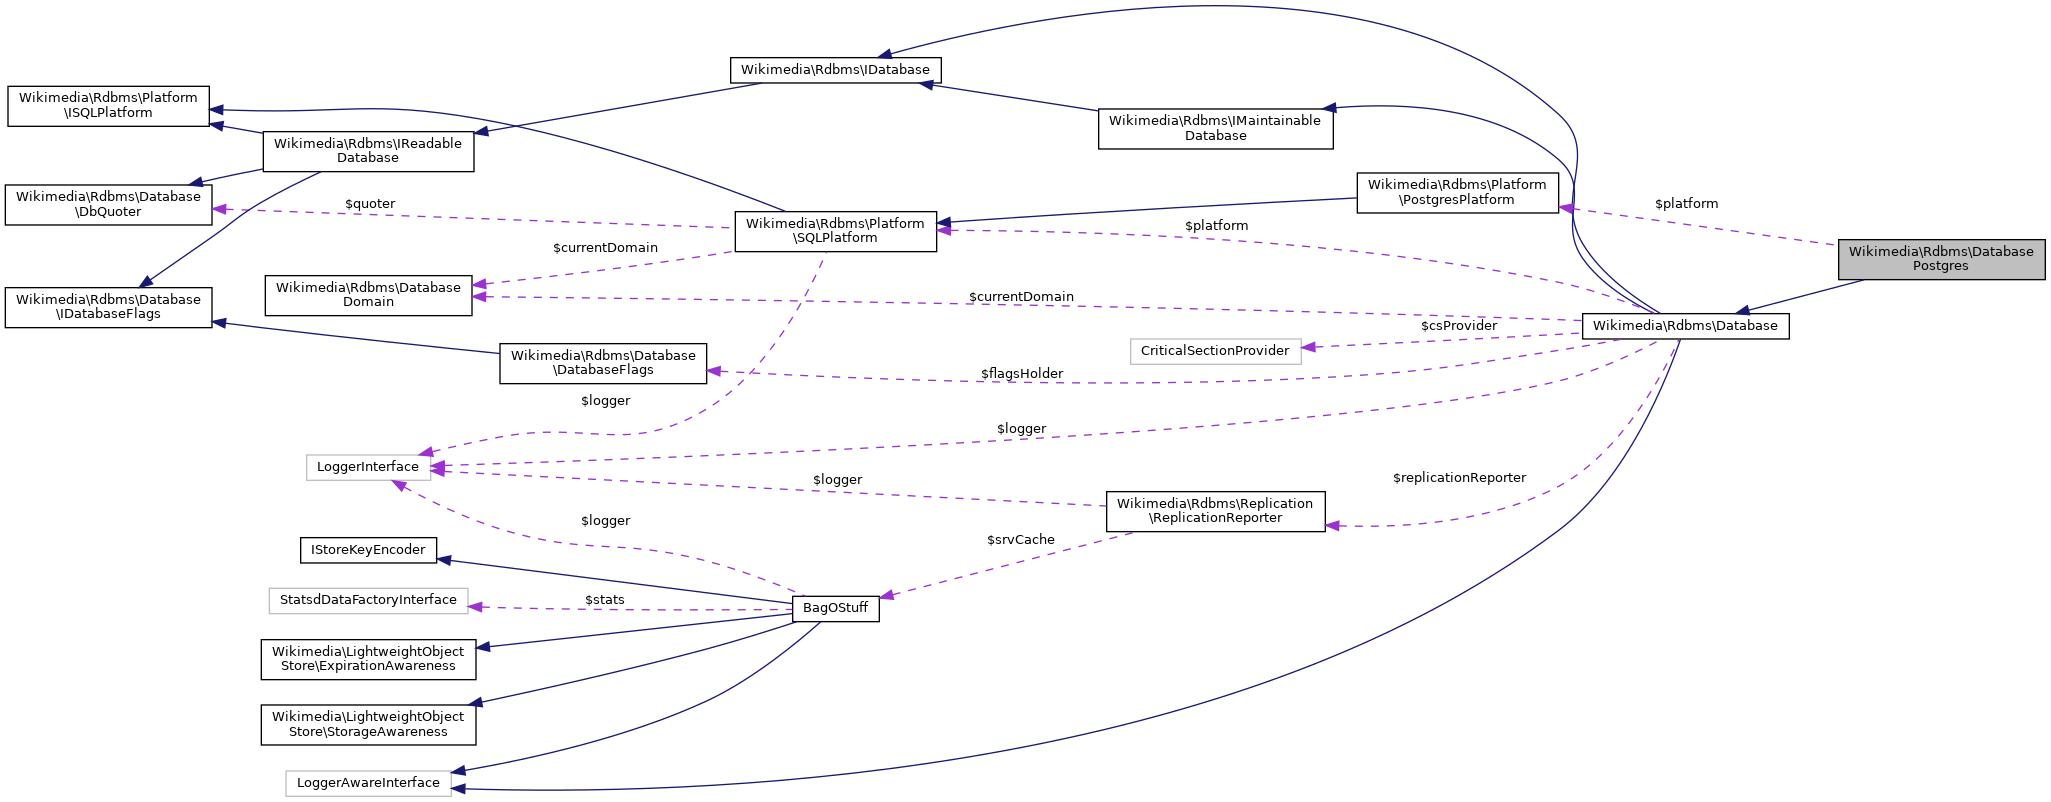 MediaWiki: Wikimedia\Rdbms\DatabasePostgres Class Reference